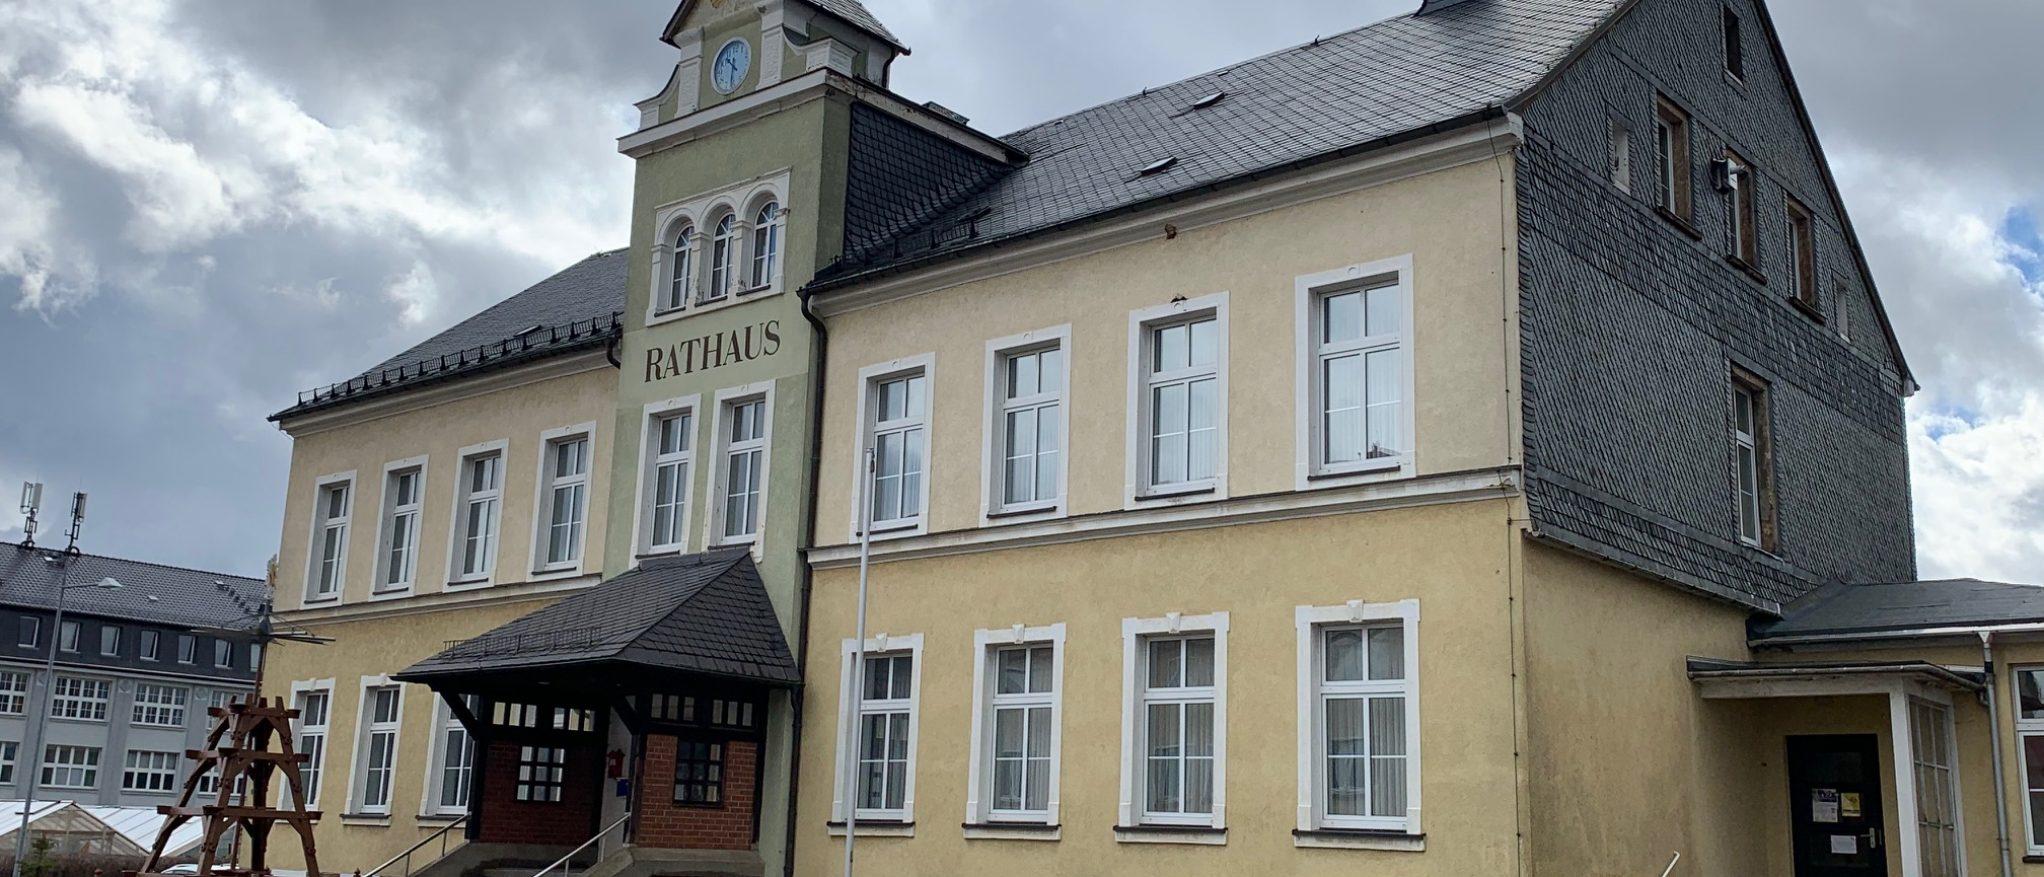 Rathaus_Gruena